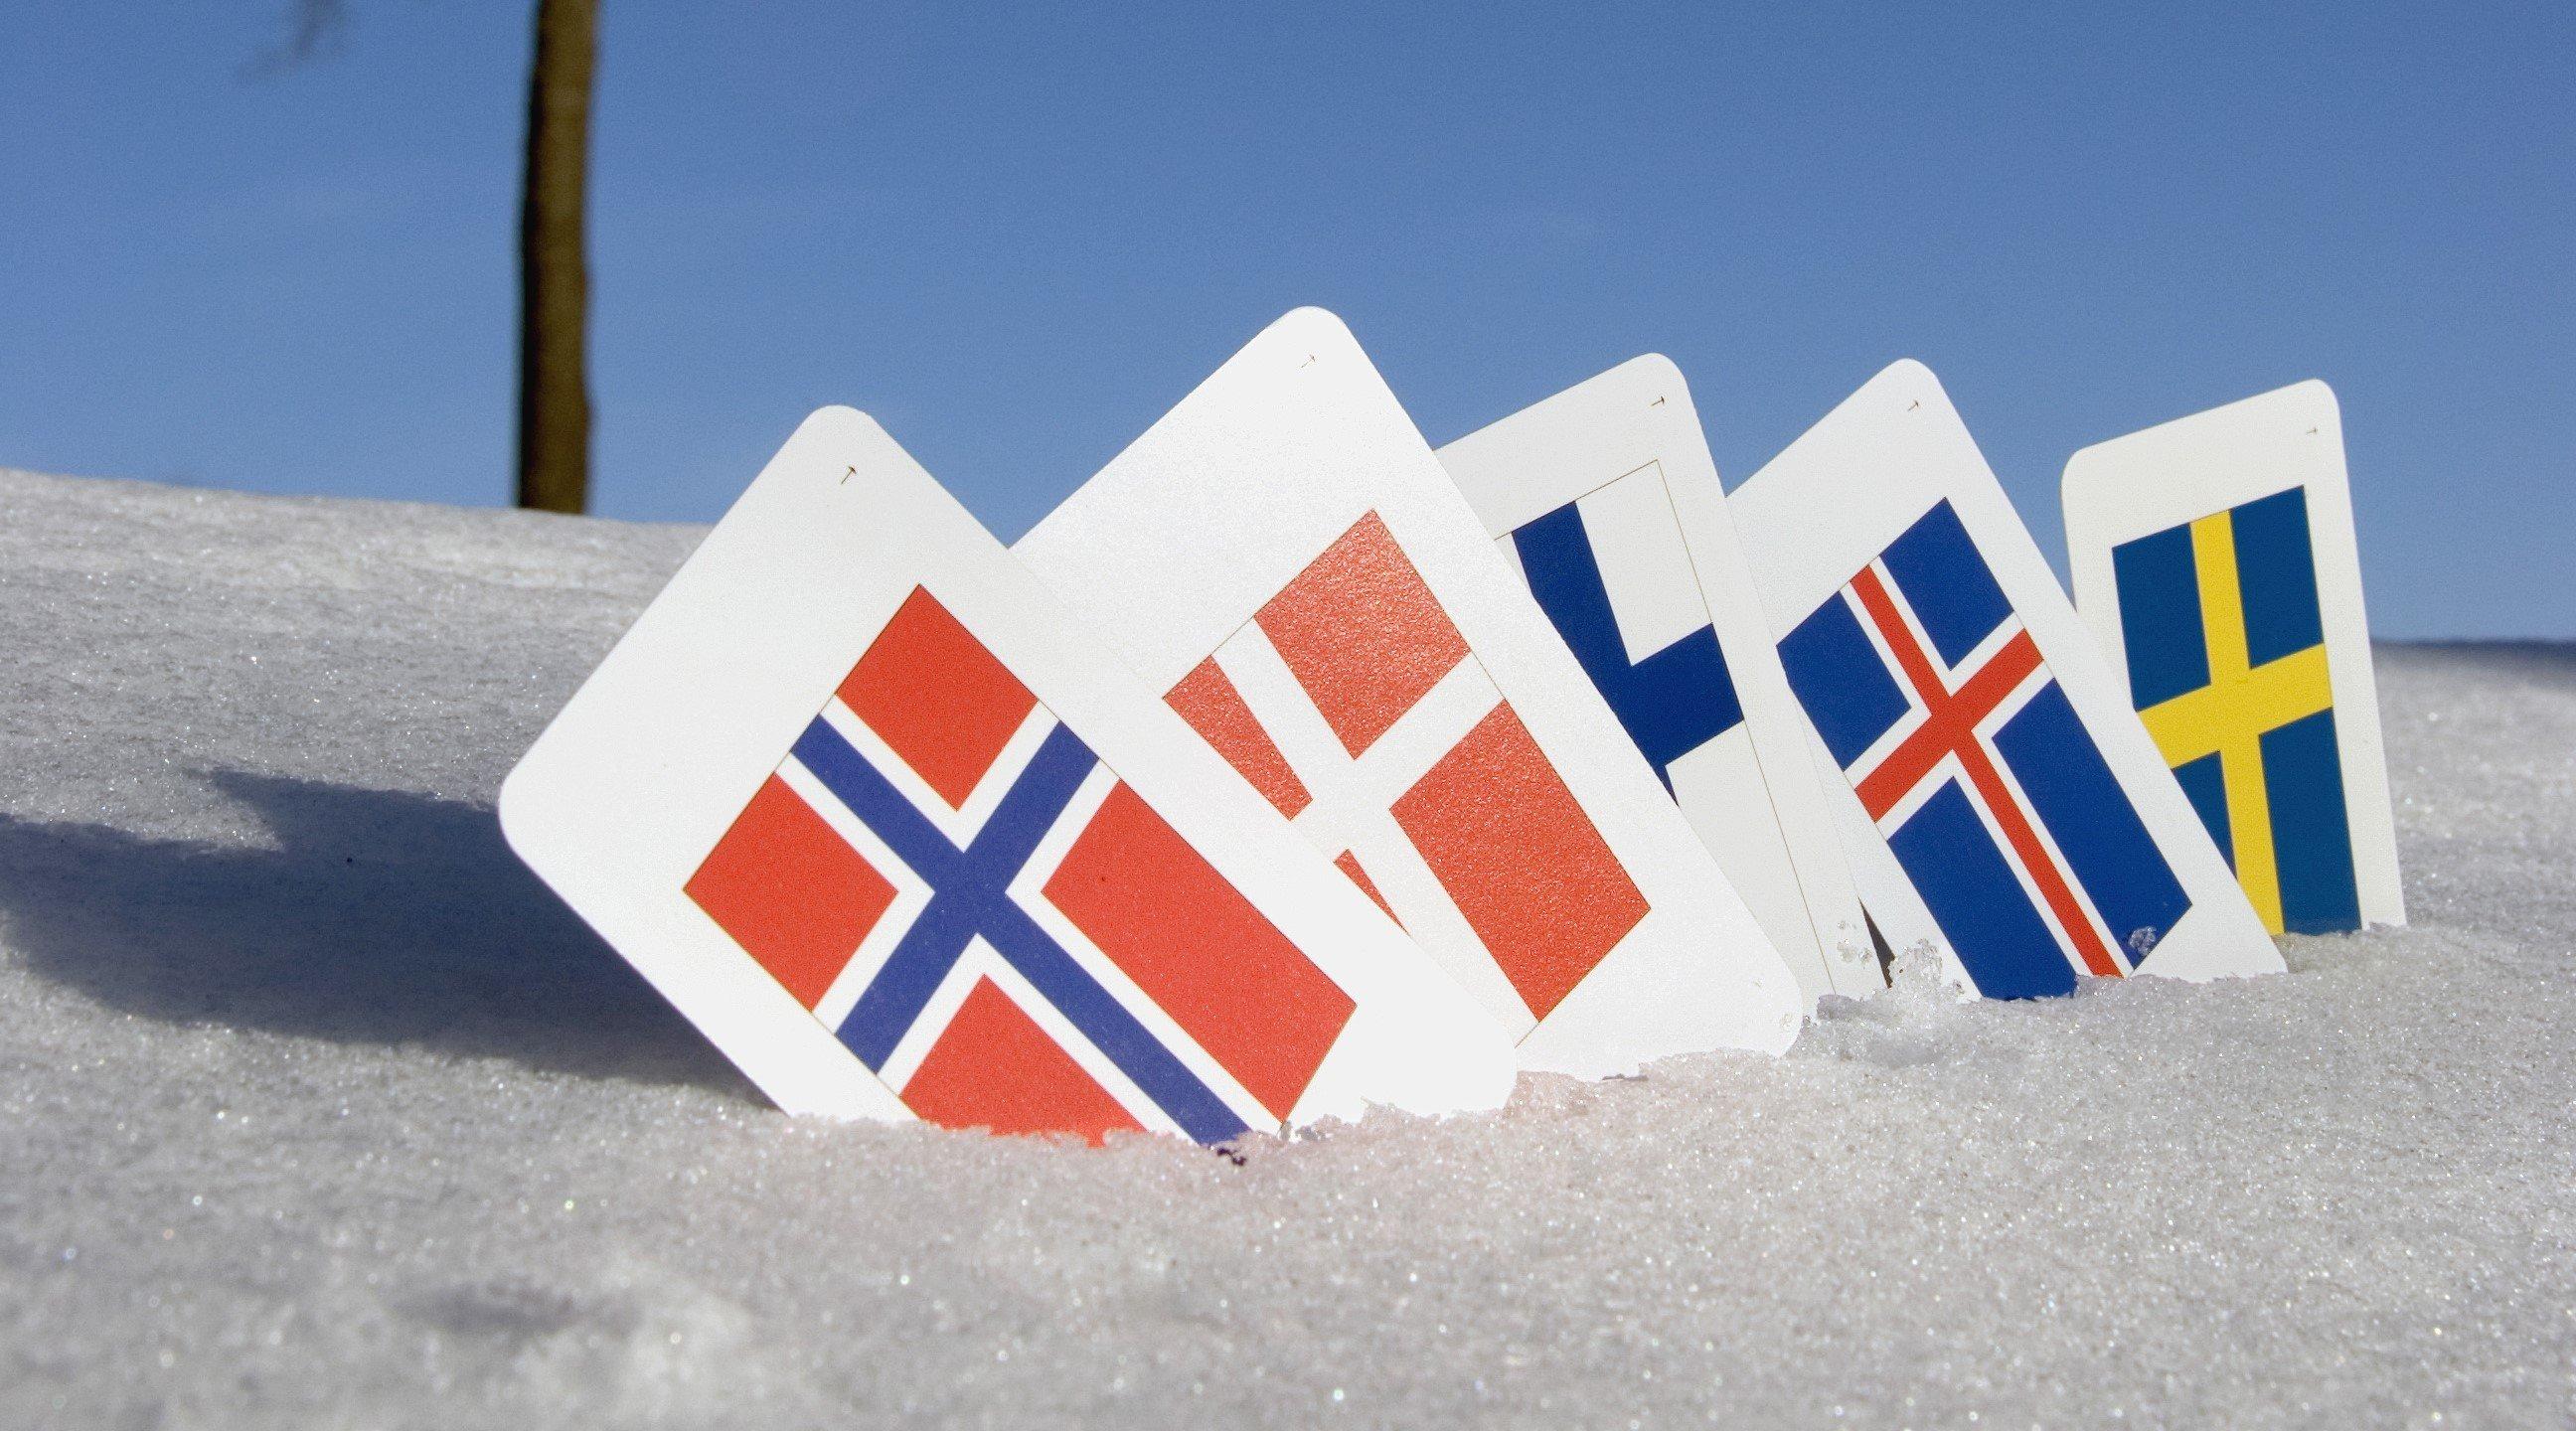 Nordiske markede for HR-systemer